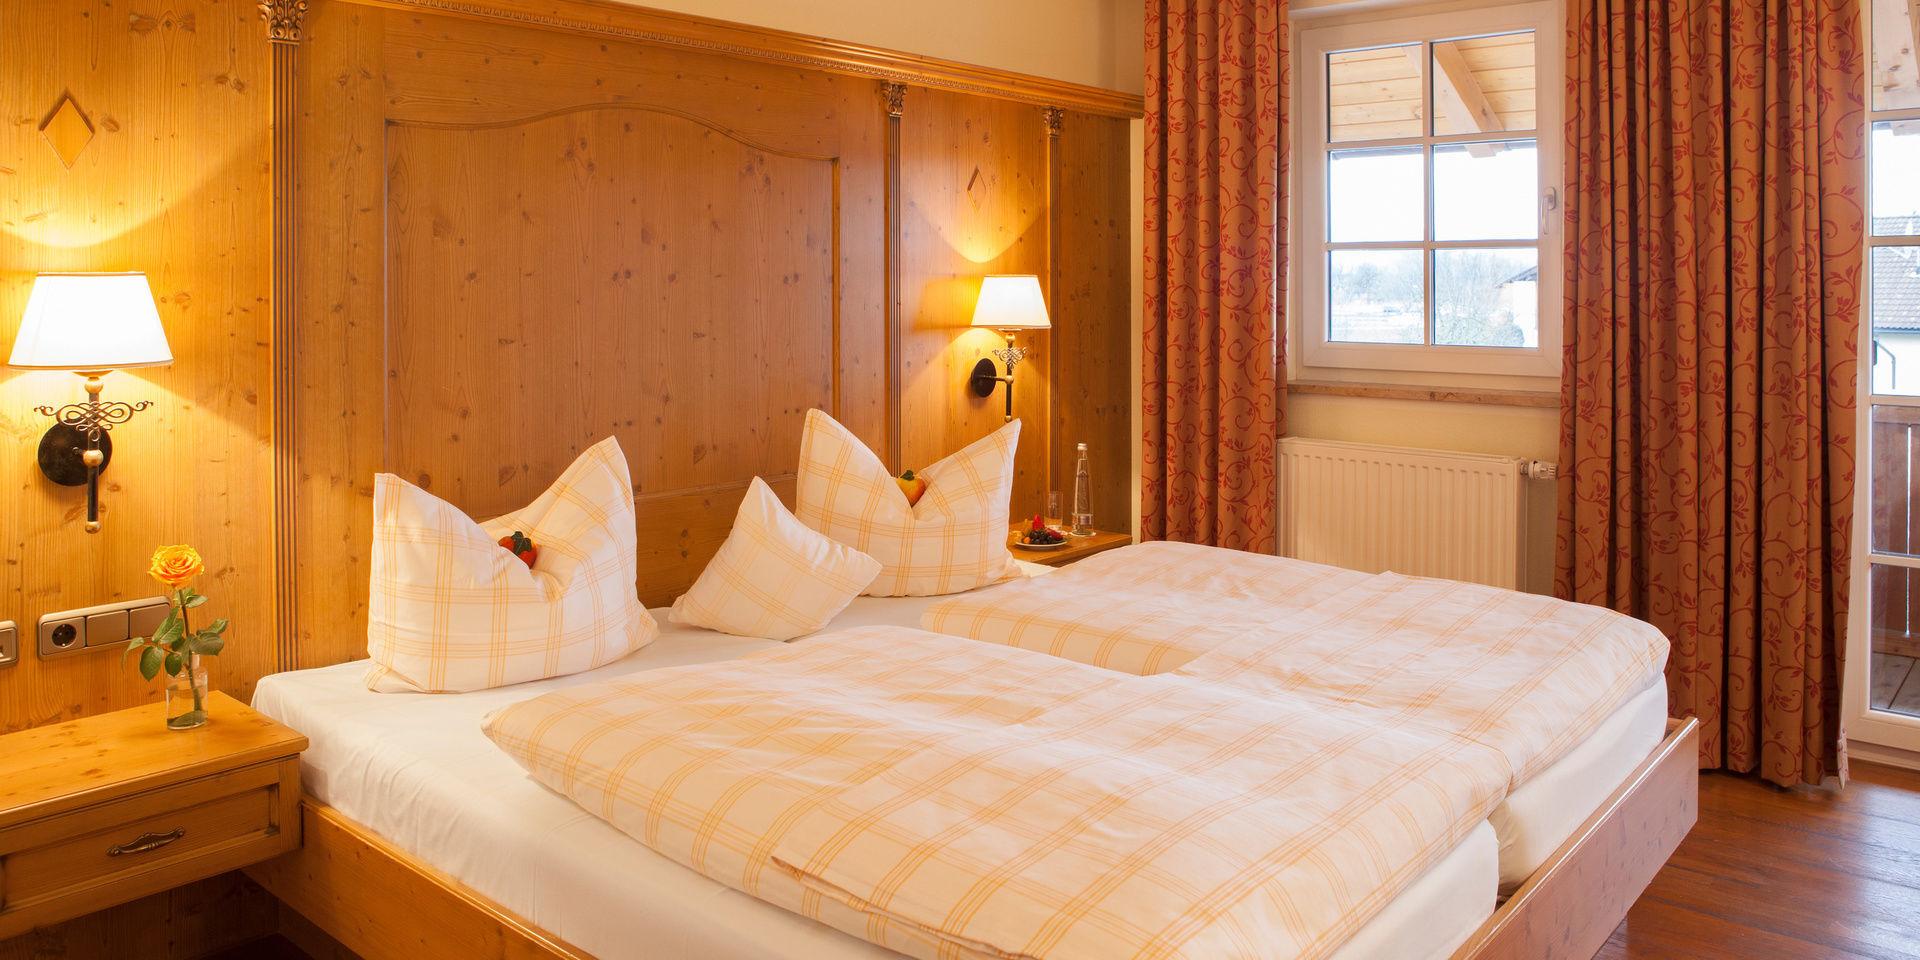 komfort zimmer happinger hof rosenheim 4 sterne hotel